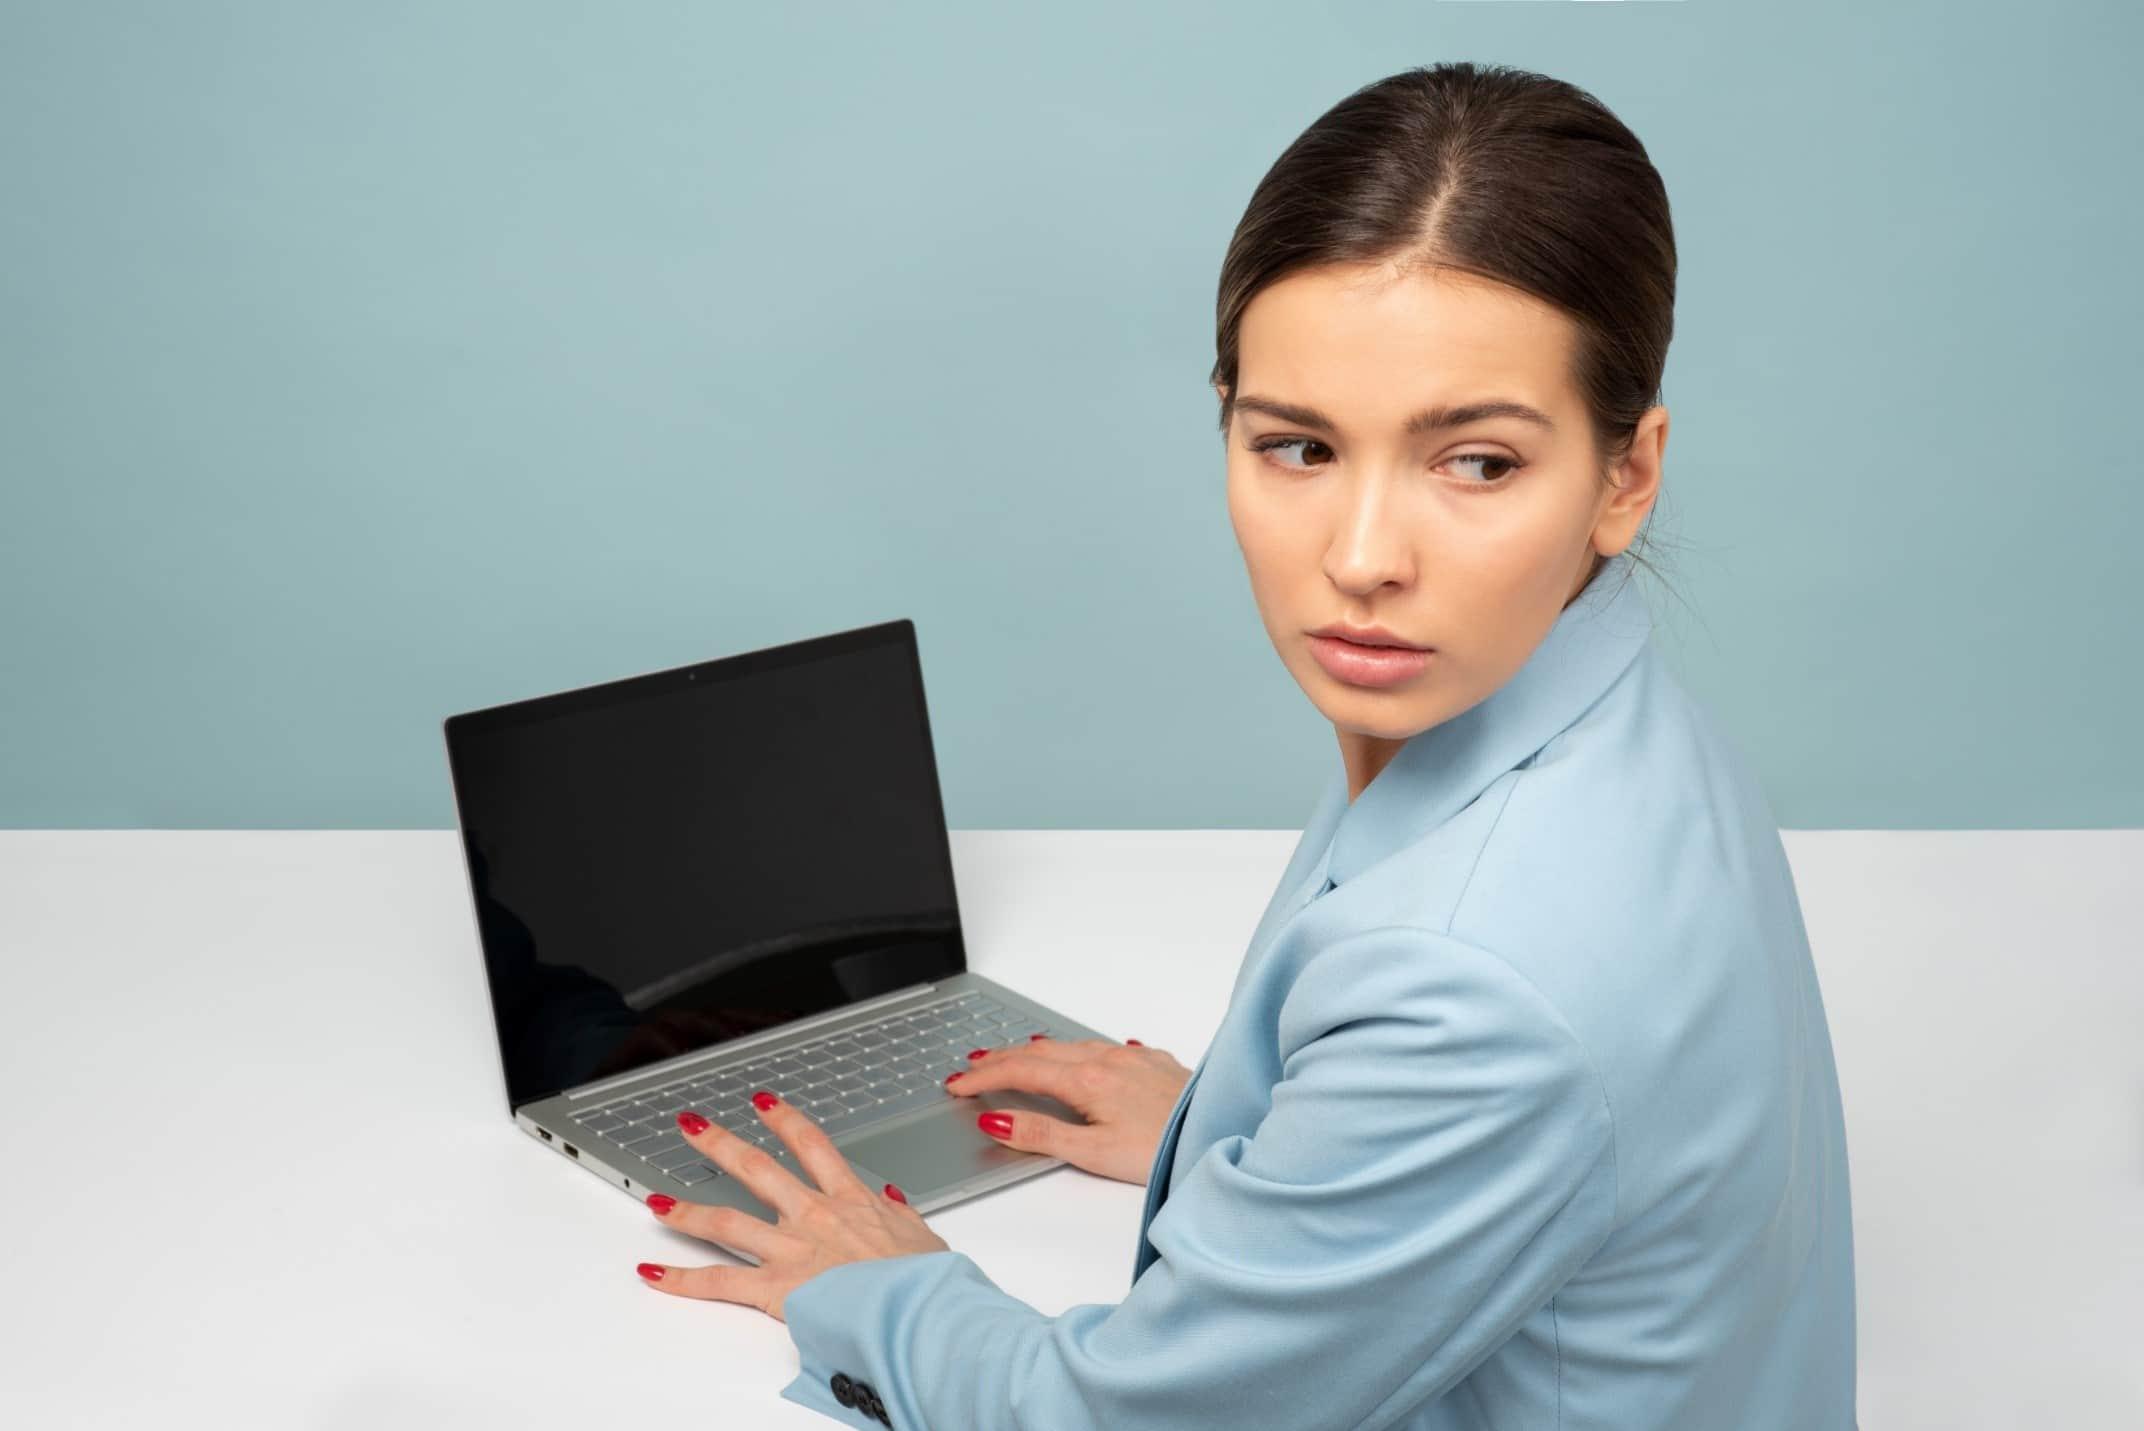 cómo una contraseña segura protege tu laptop de los hackers